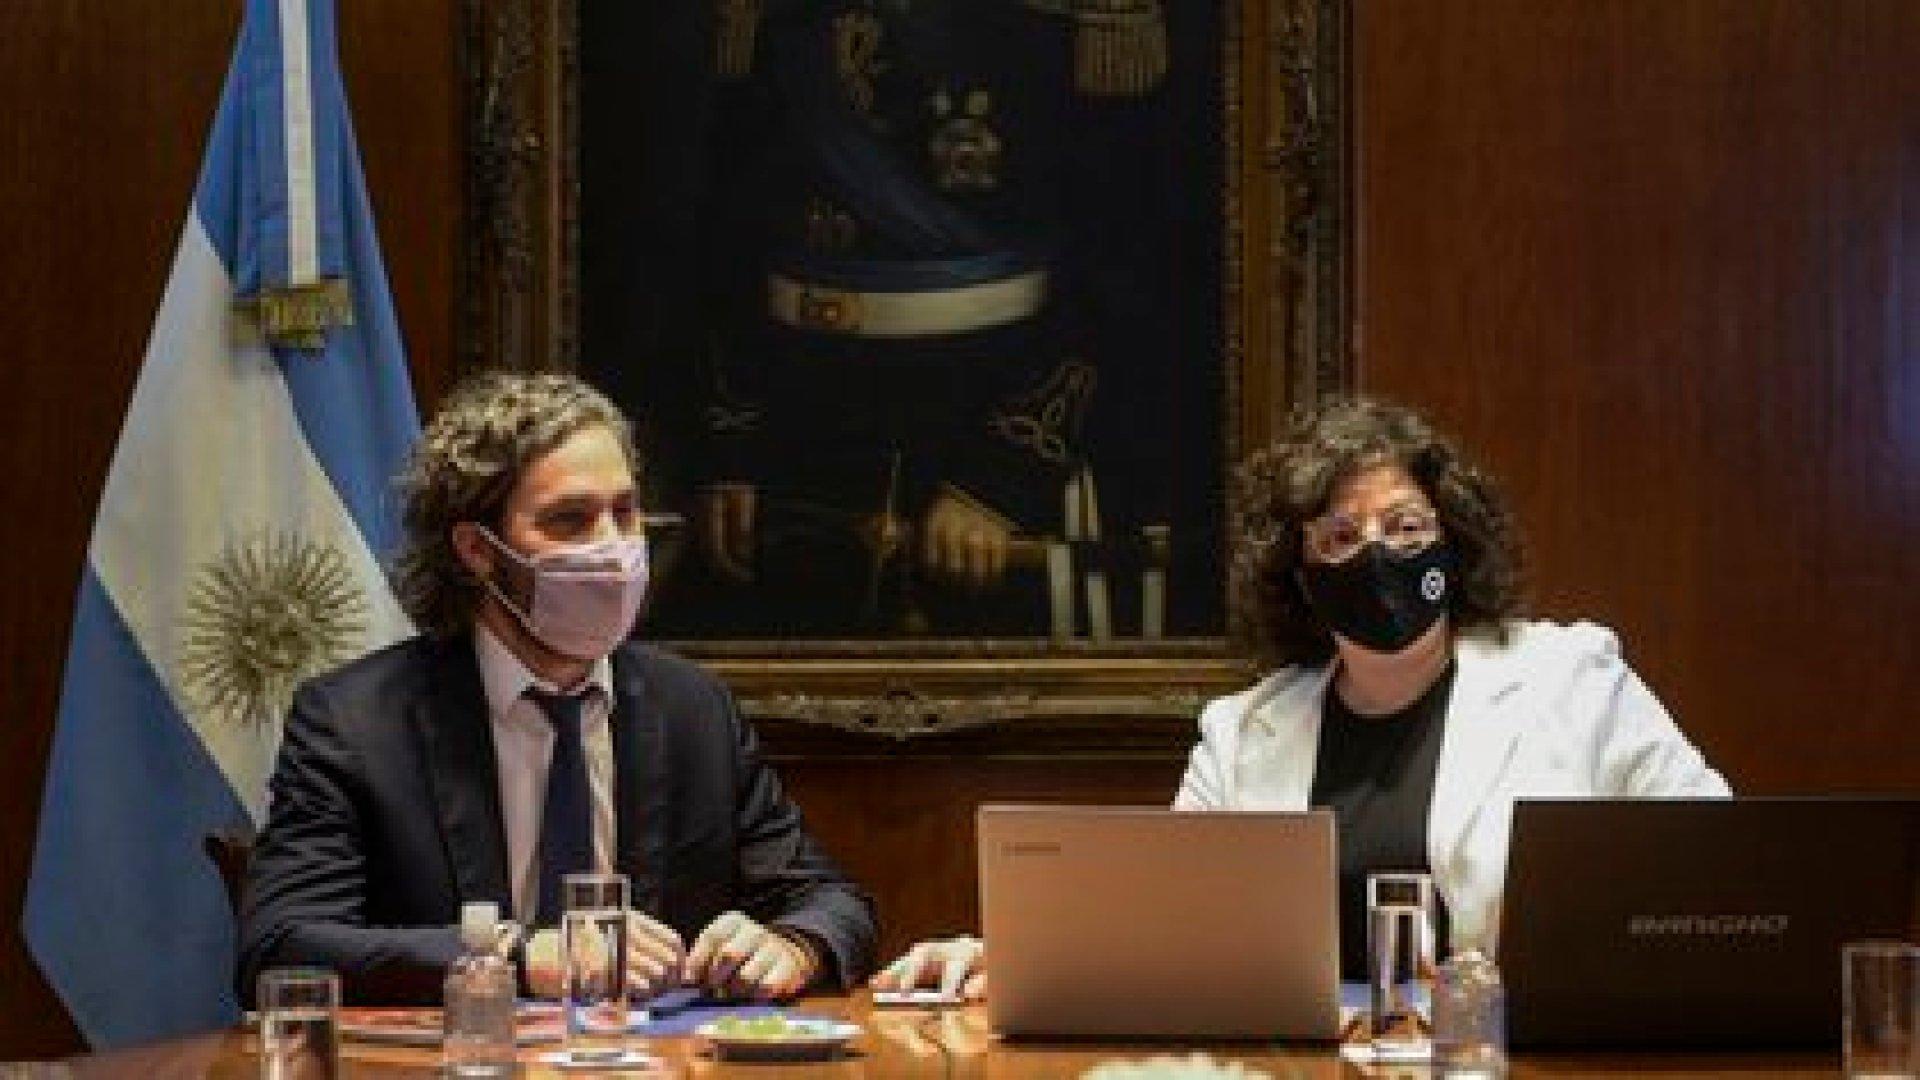 Santiago Cafiero y Carla Vizzotti oficiarán de mediadores en una negociación compleja entre los gobiernos de Kicillof y Rodríguez Larreta